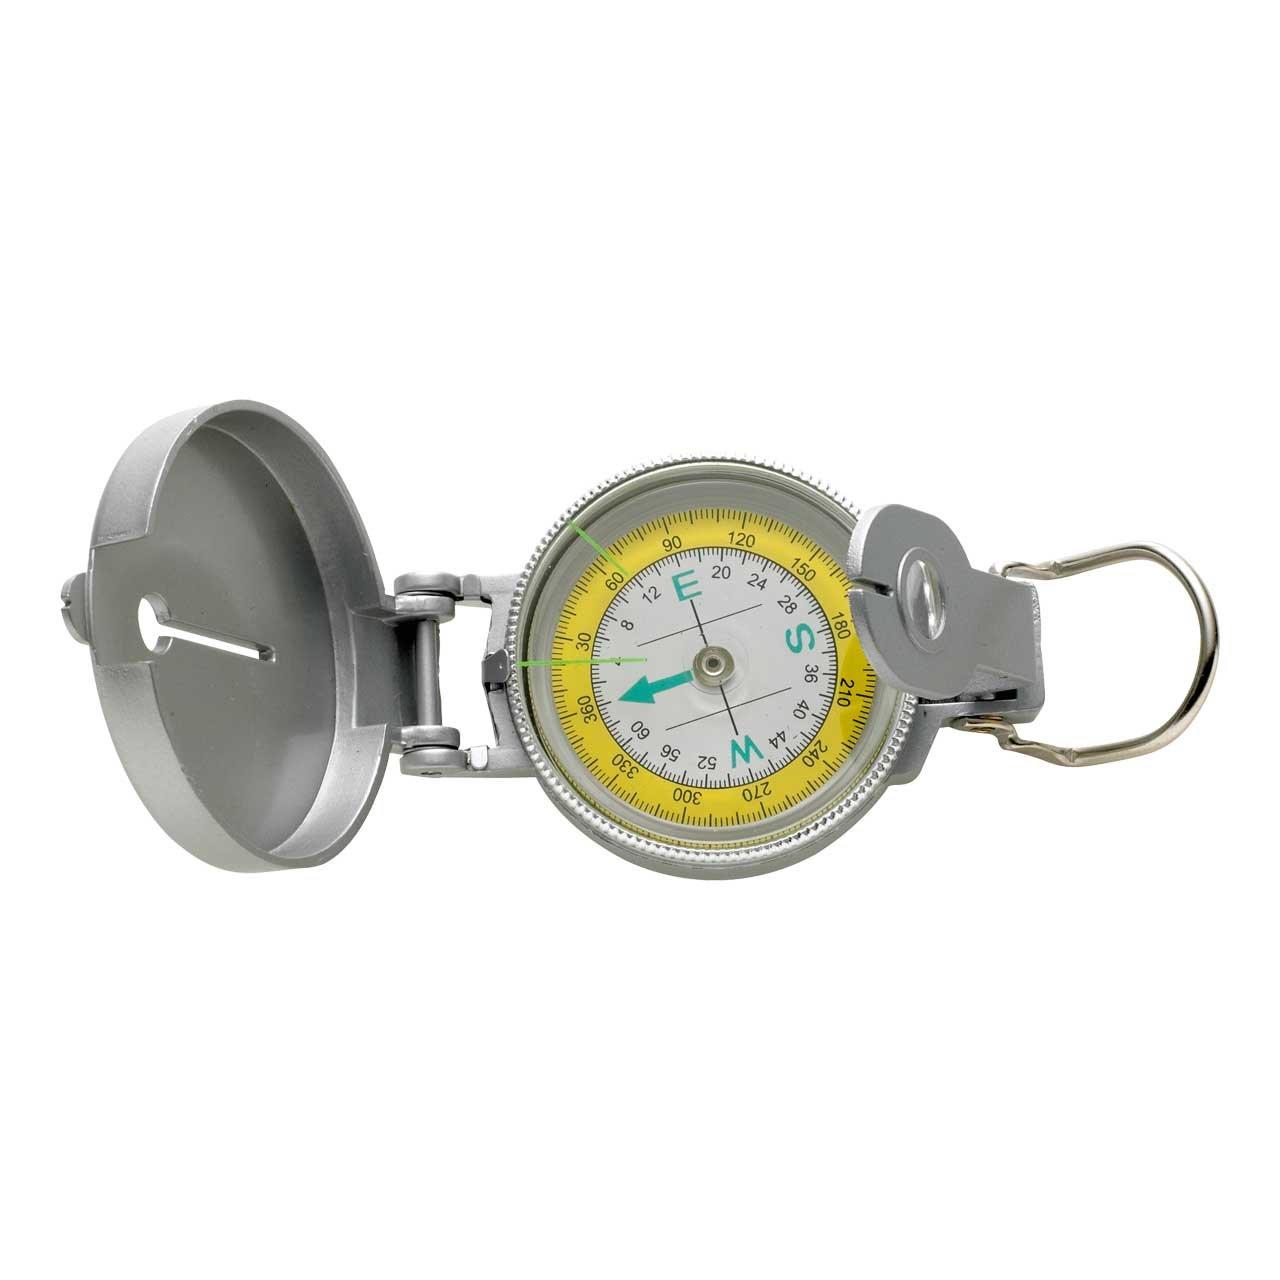 Kompass, Metallgehäuse, silberfarbig